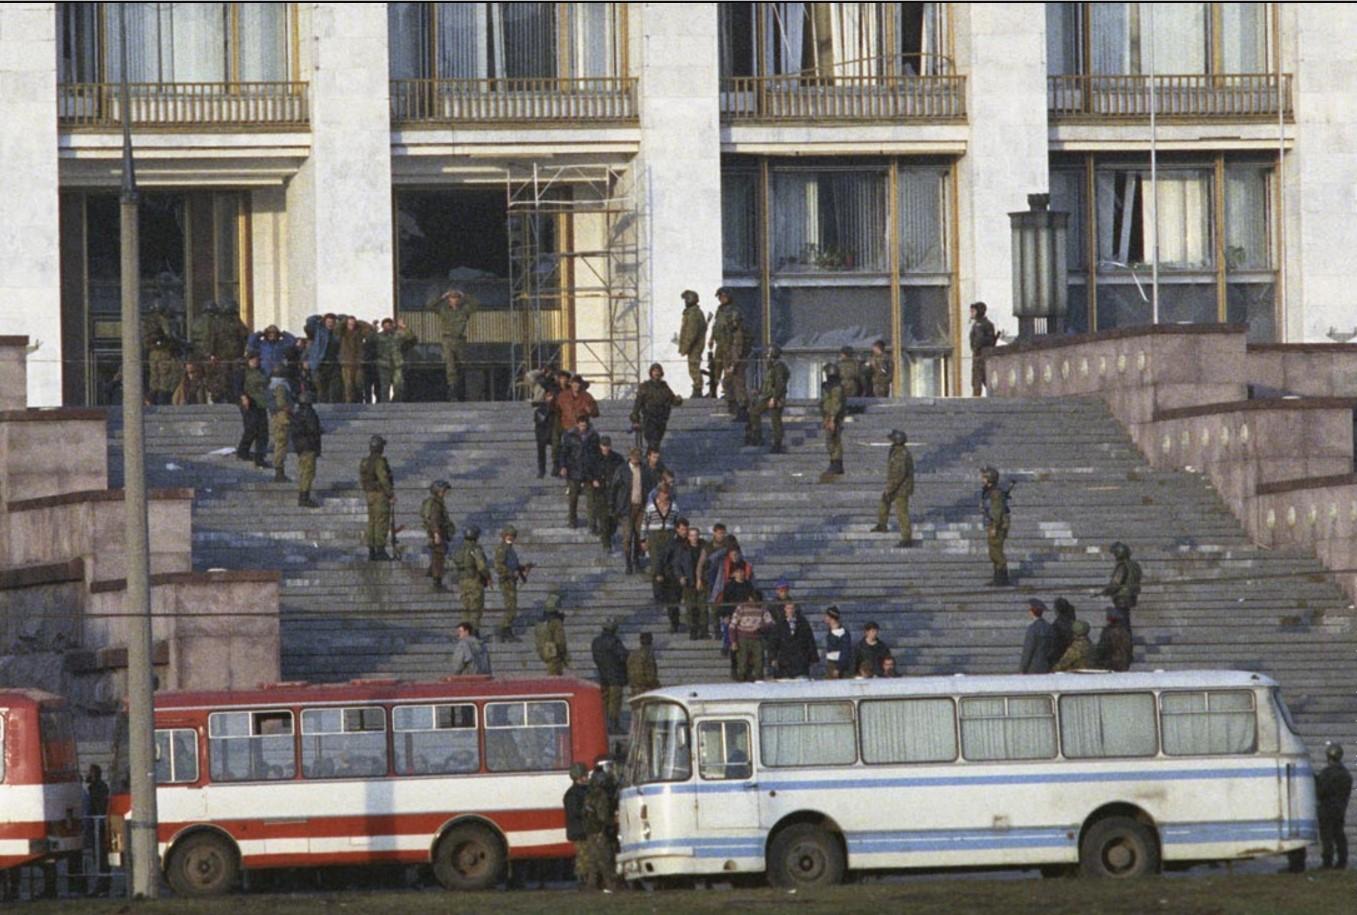 Отряд «Альфа» выводит арестованных из здания Белого дома